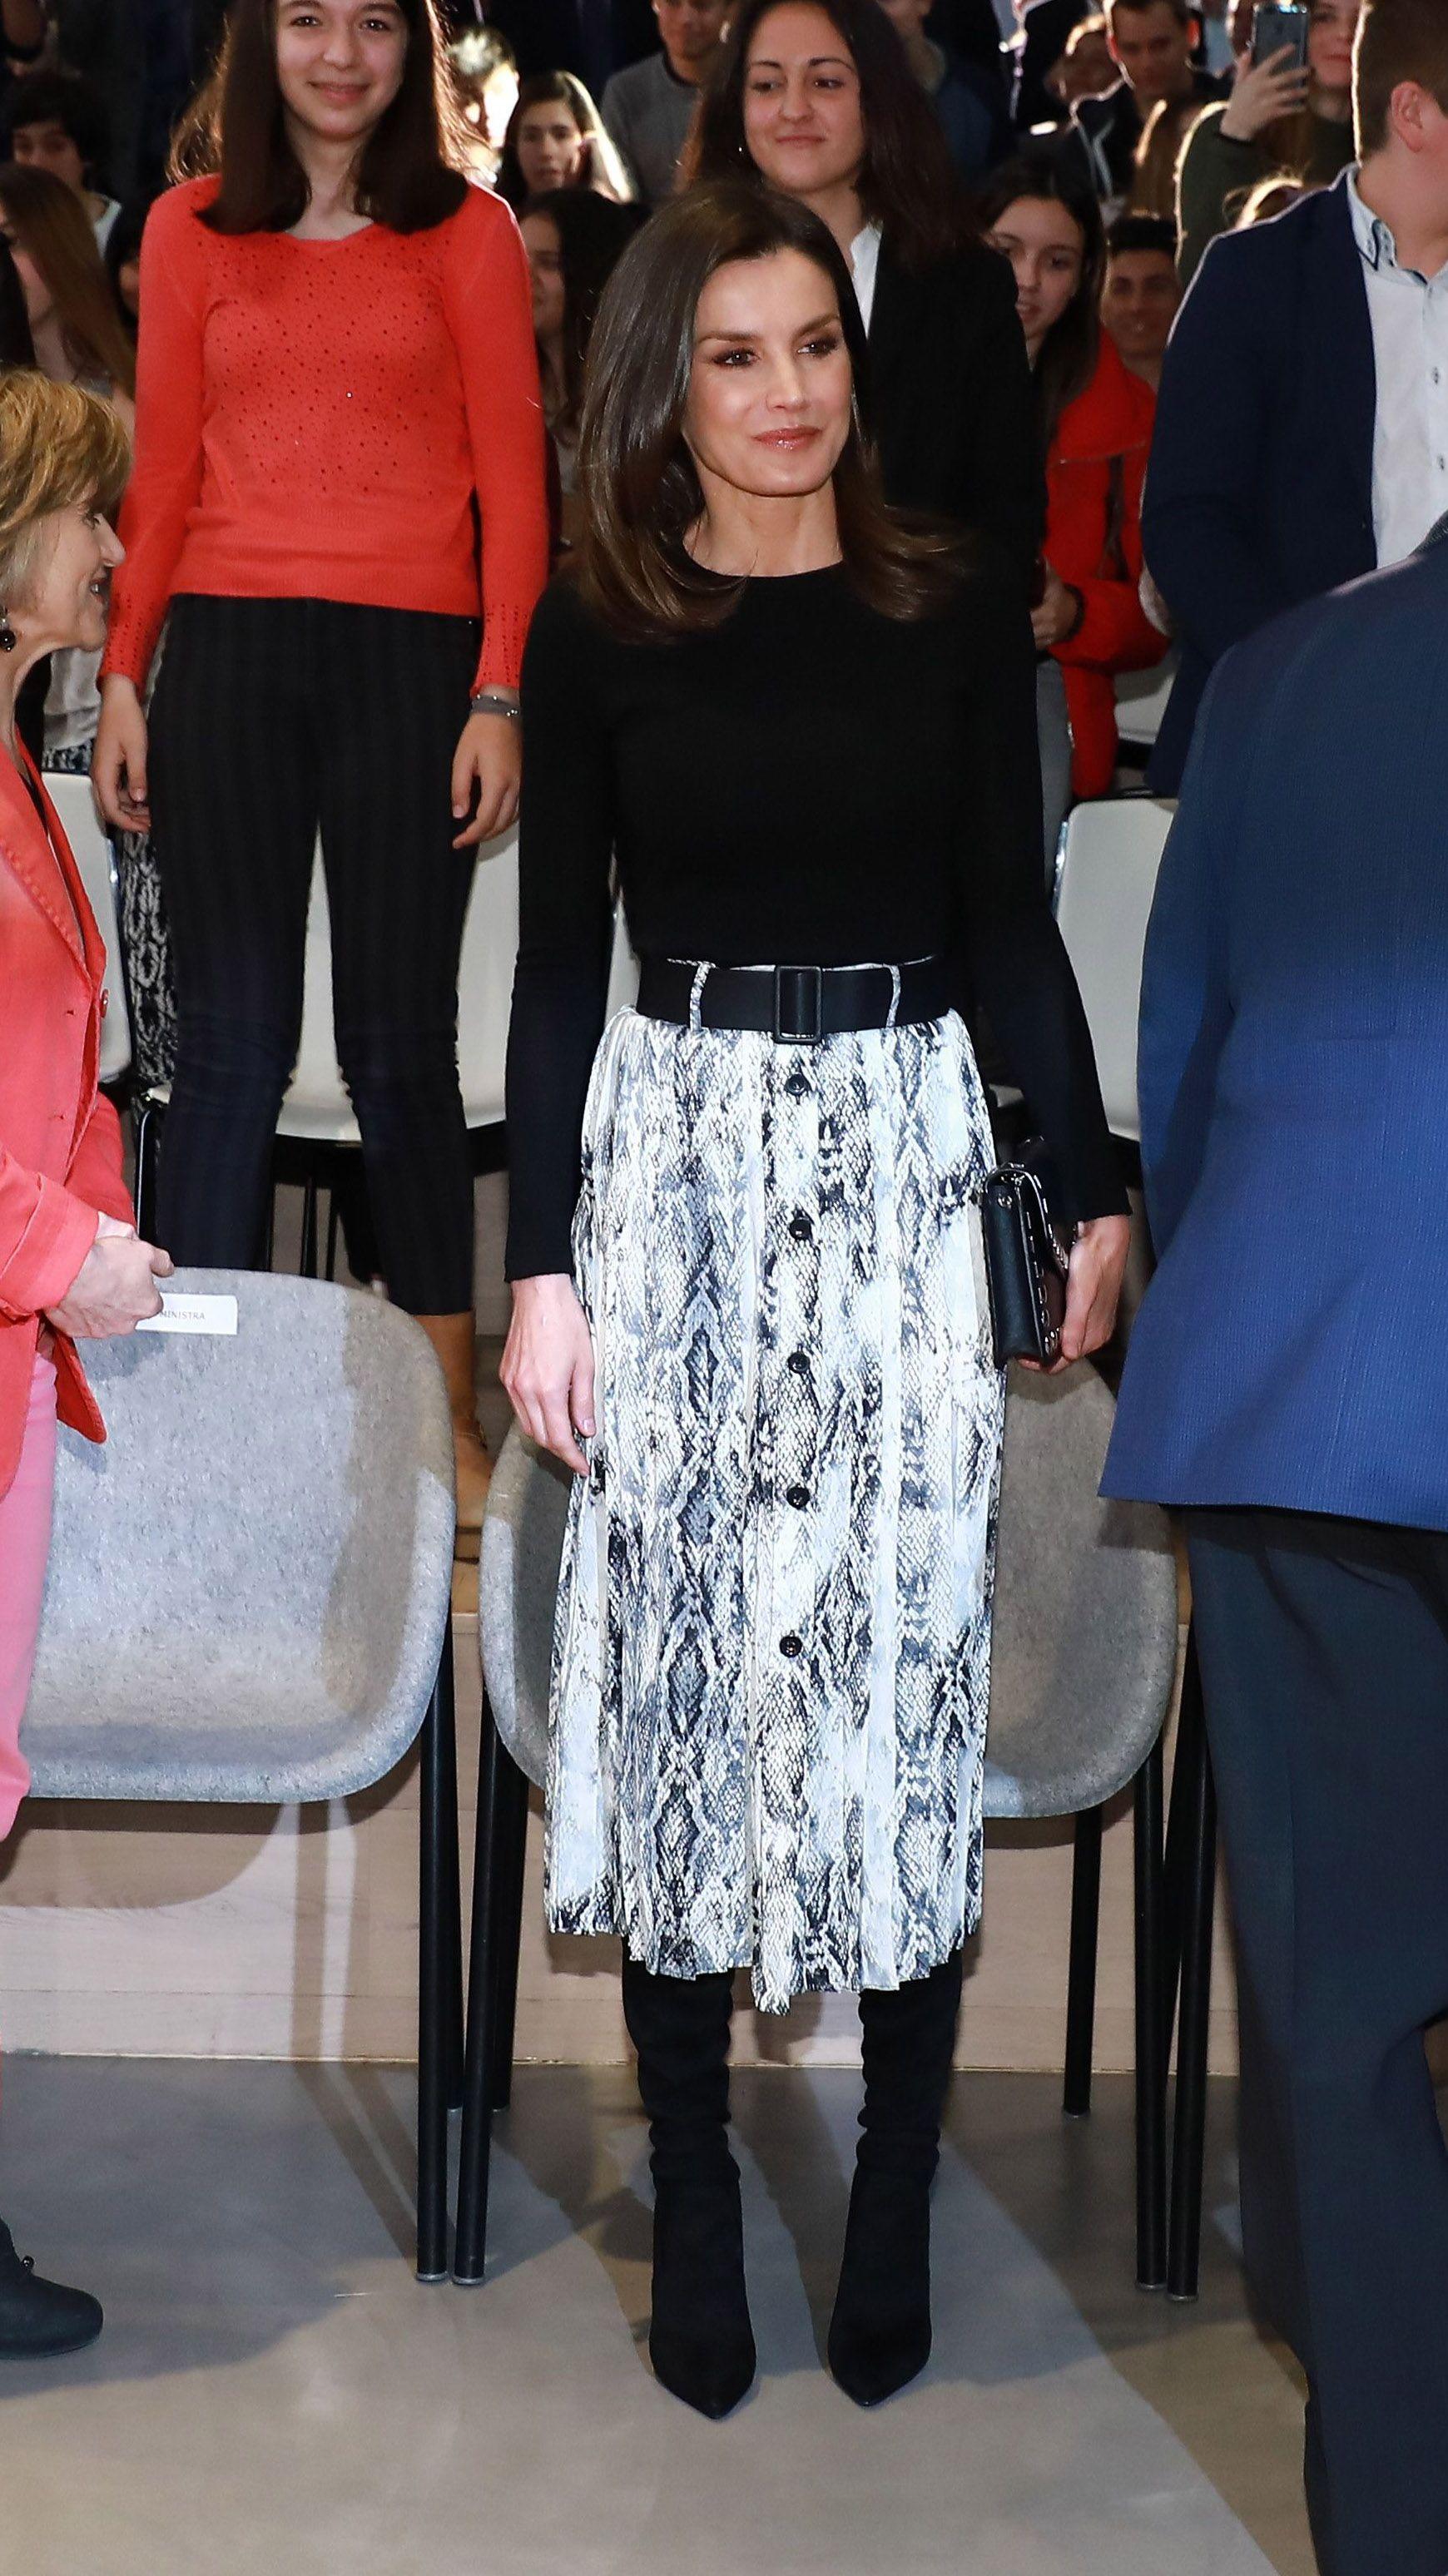 6dfd5488ee8 El estilo de la Reina Letizia - Todos los  looks  de la reina Letizia